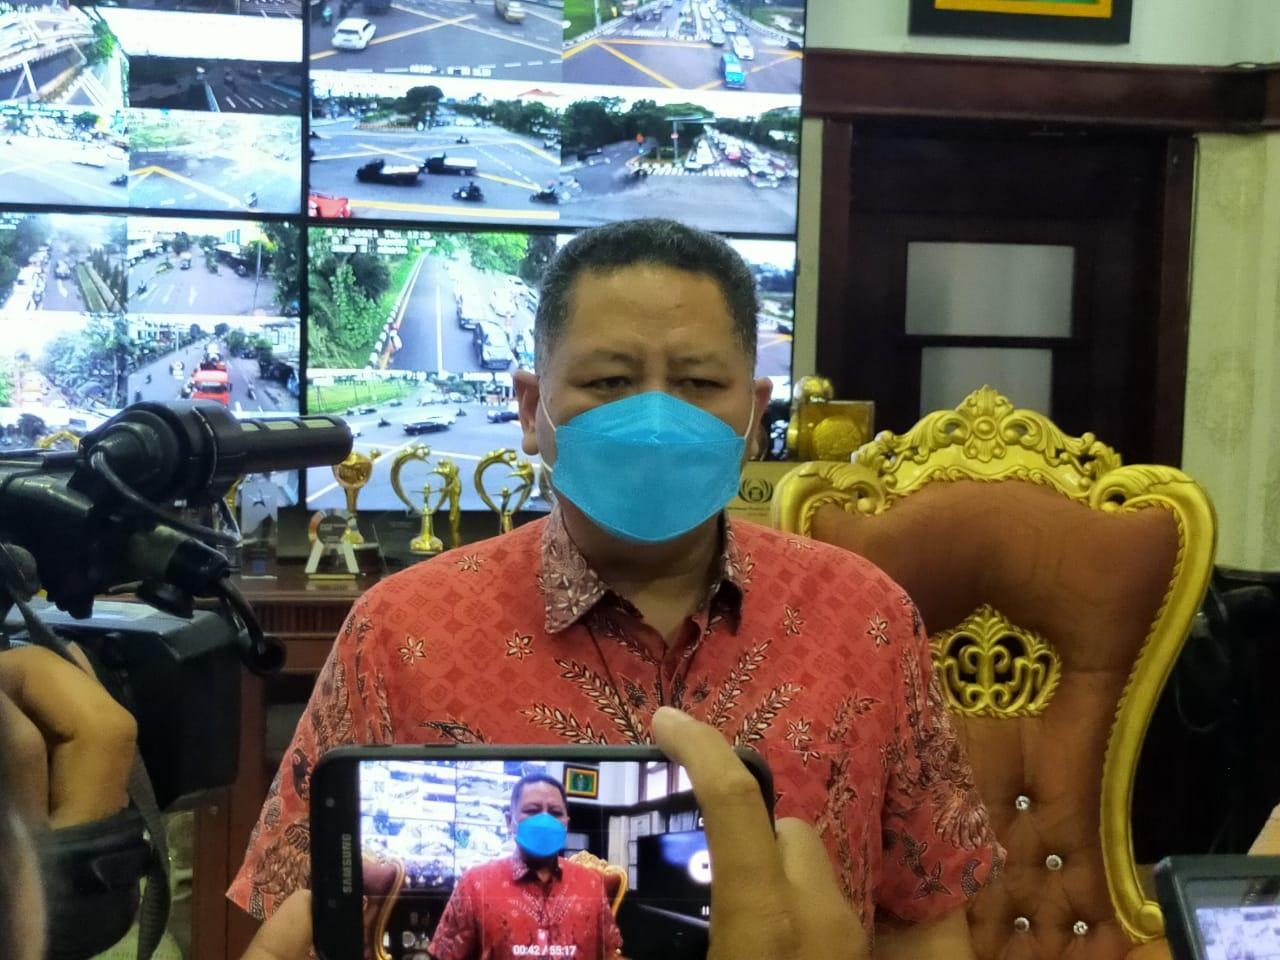 Proses Vaksinasi di Surabaya, Pemkot Siapkan 2 Ambulance Antisipasi Hal yang Tak Diinginkan